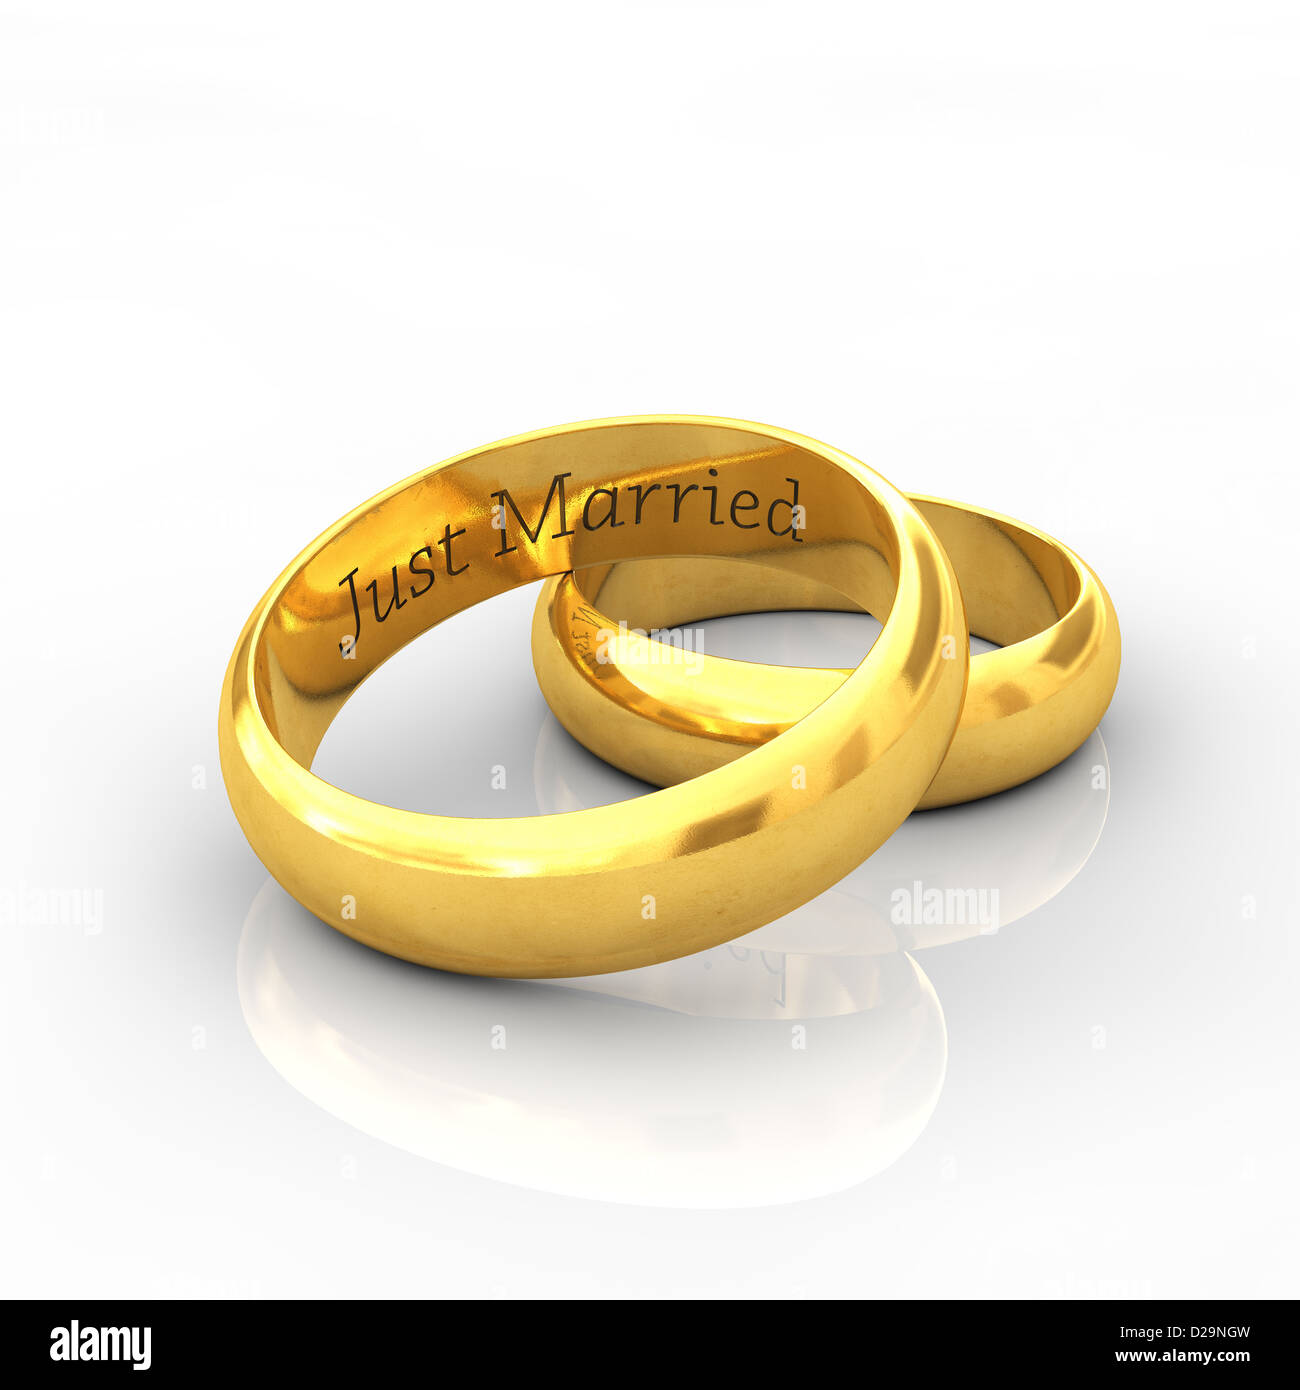 Gravierte Goldene Hochzeit Ringe Auf Weißem Hintergrund Mit